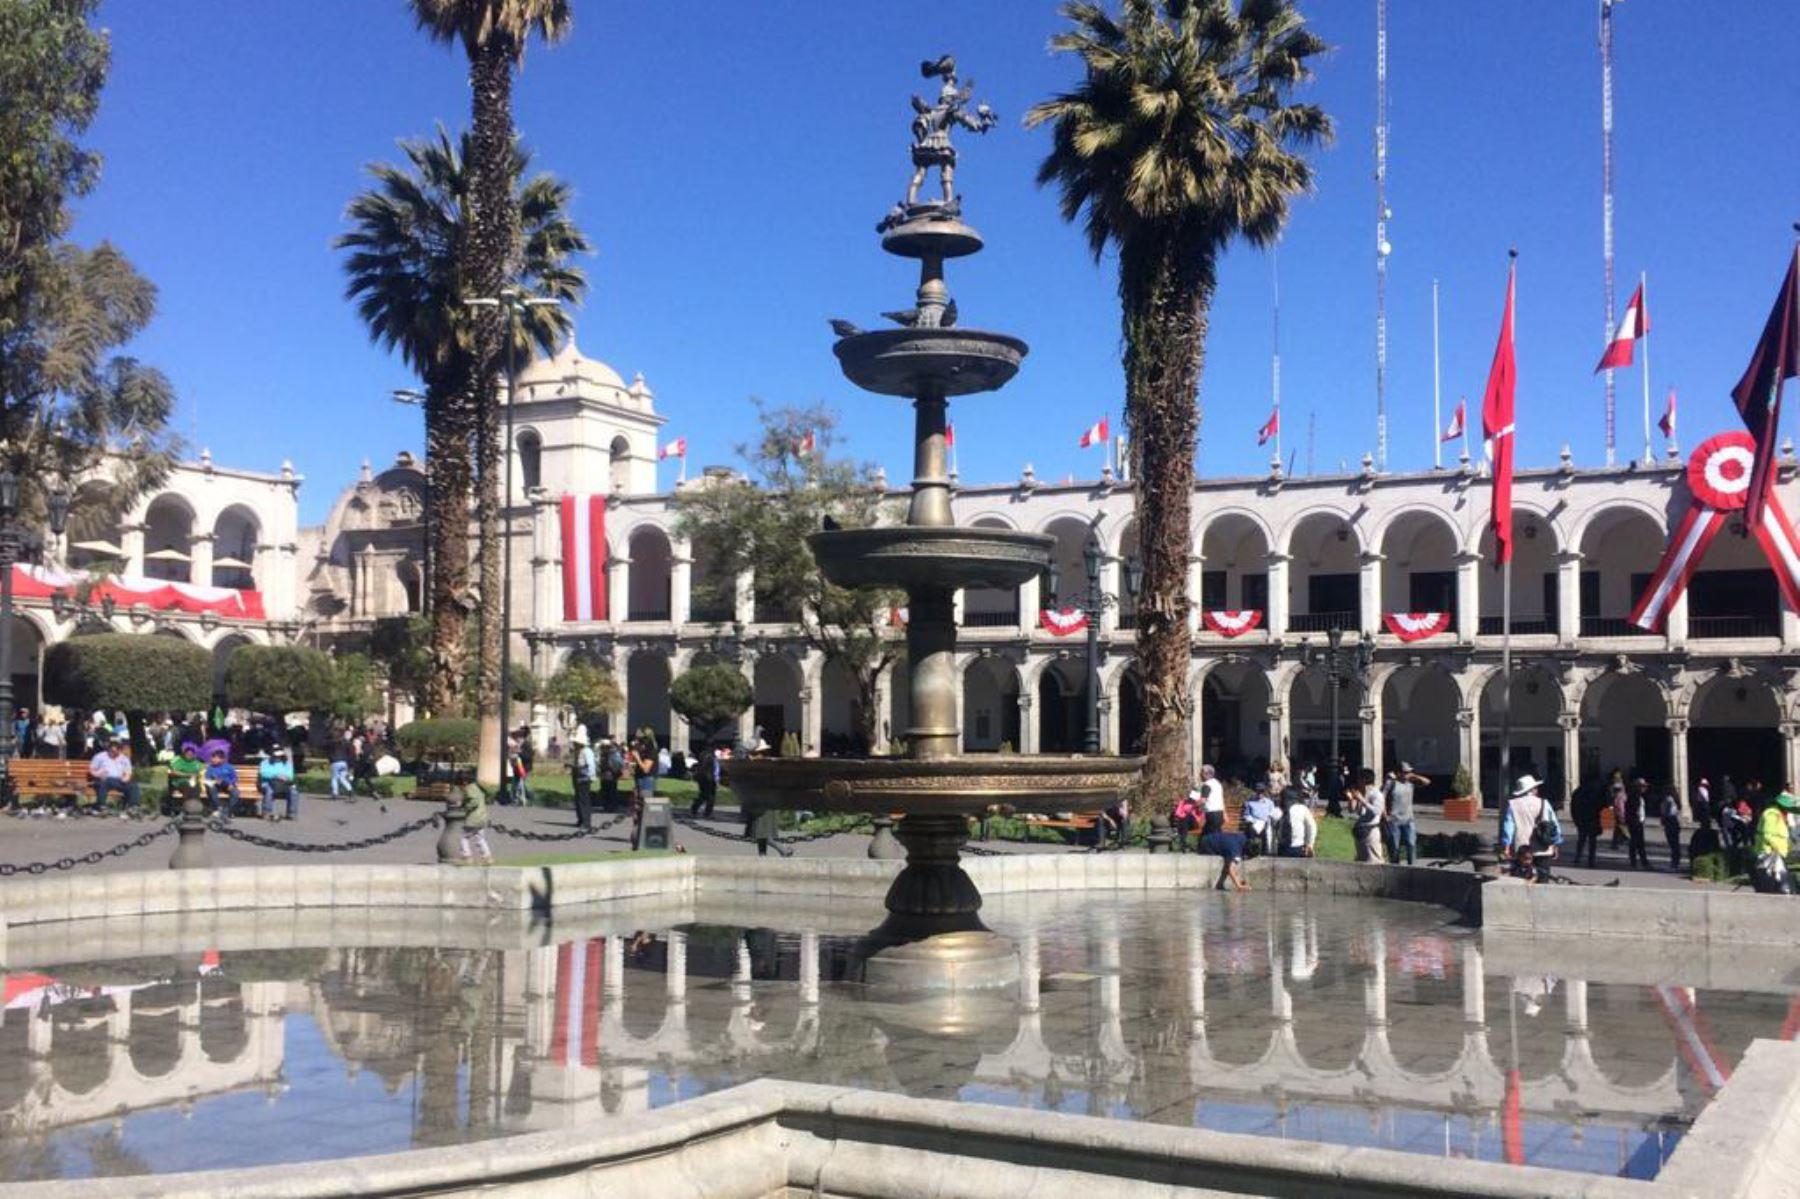 Ante el paro indefinido que acatan desde hoy sectores de Arequipa en rechazo del proyecto Tía María, 240 fiscales se encuentran en alerta máxima. Foto: ANDINA/Difusión